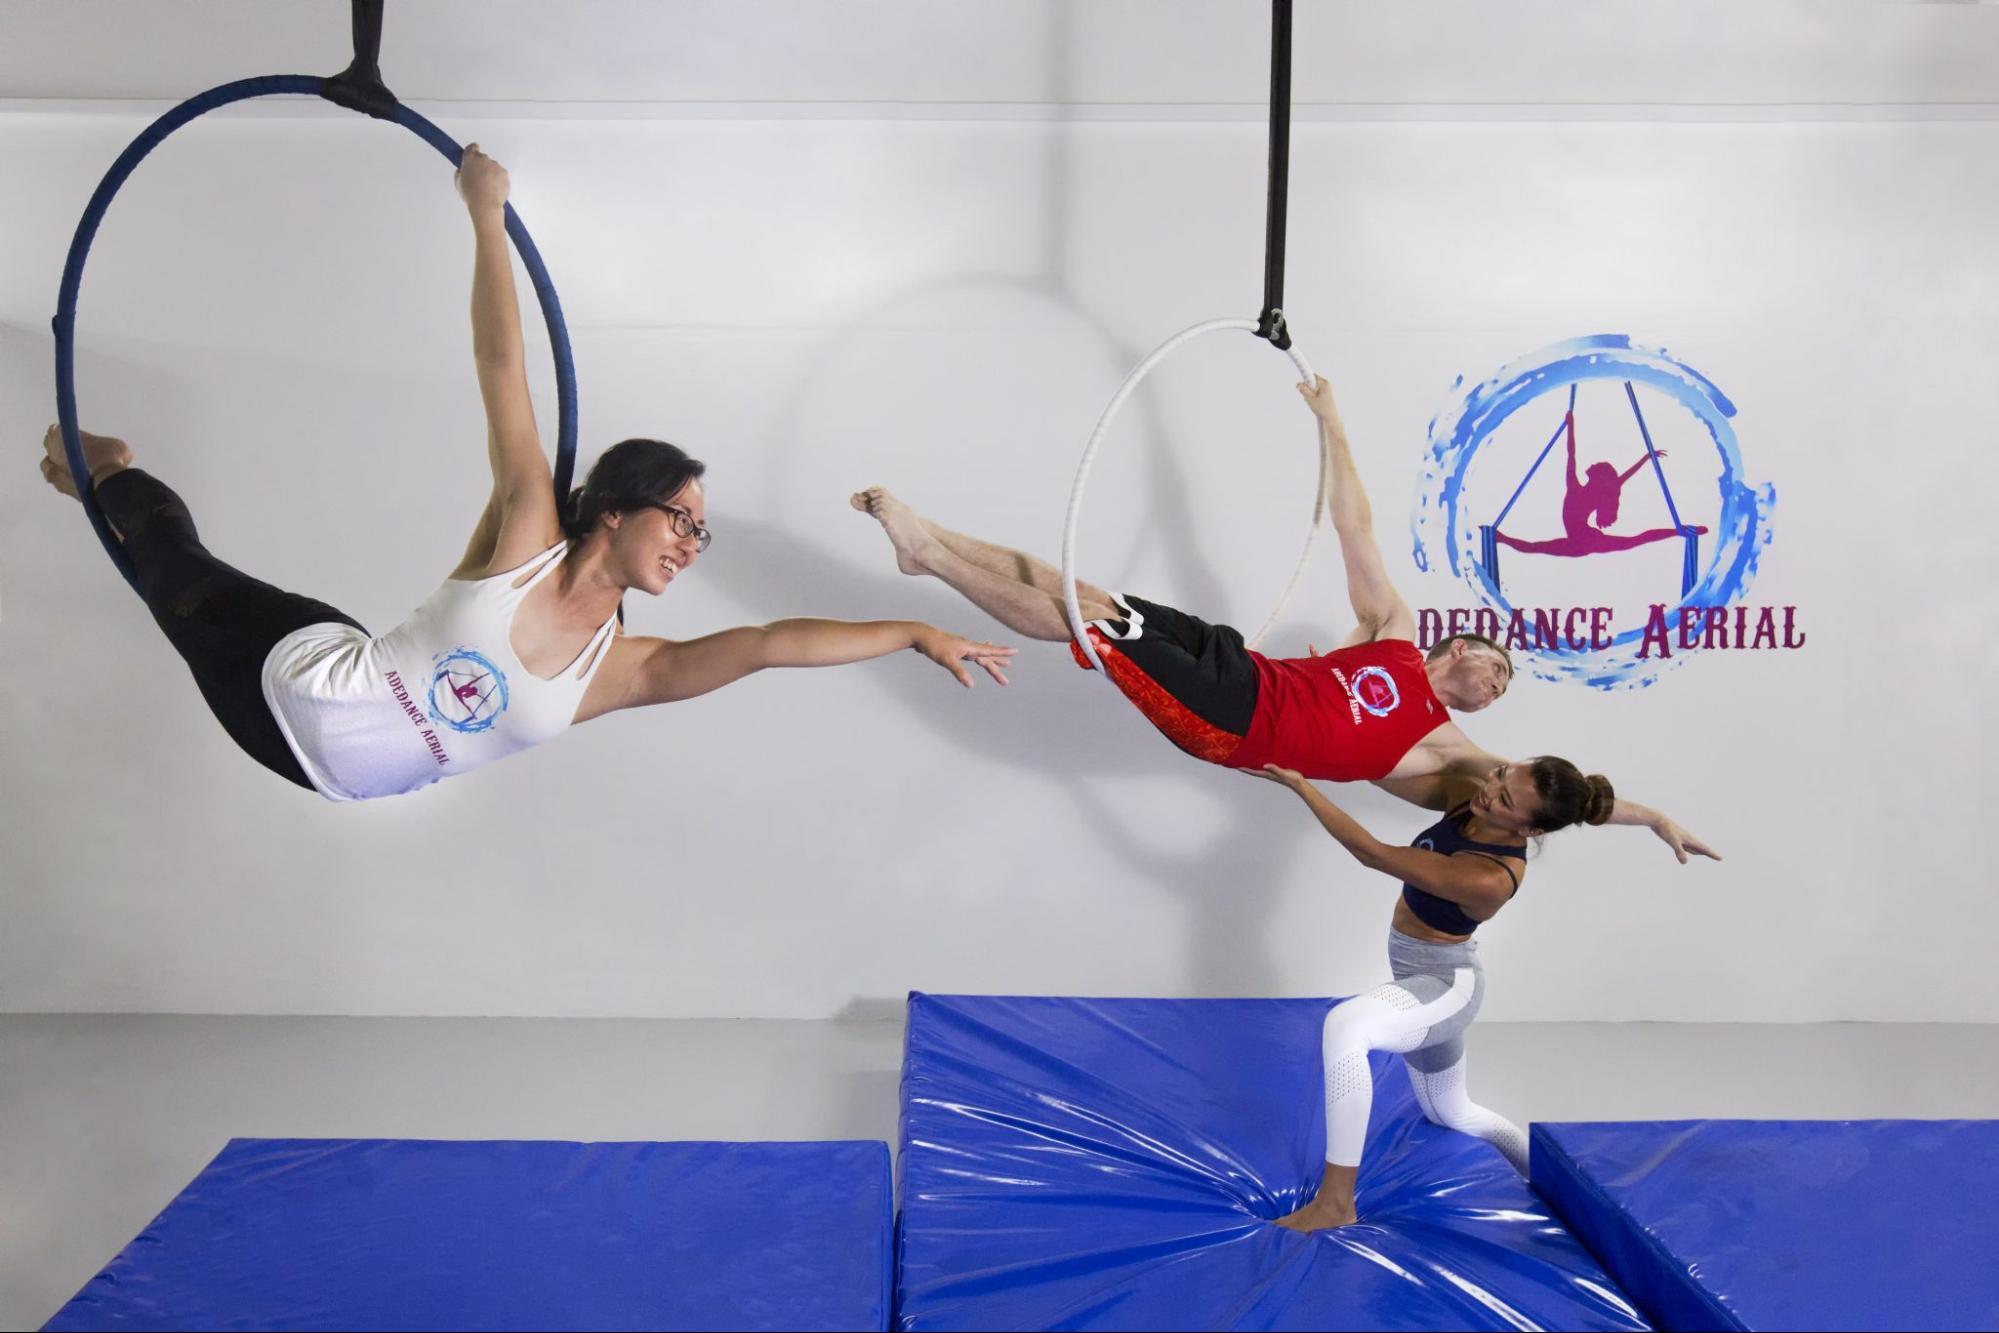 Adedance Aerial hoop